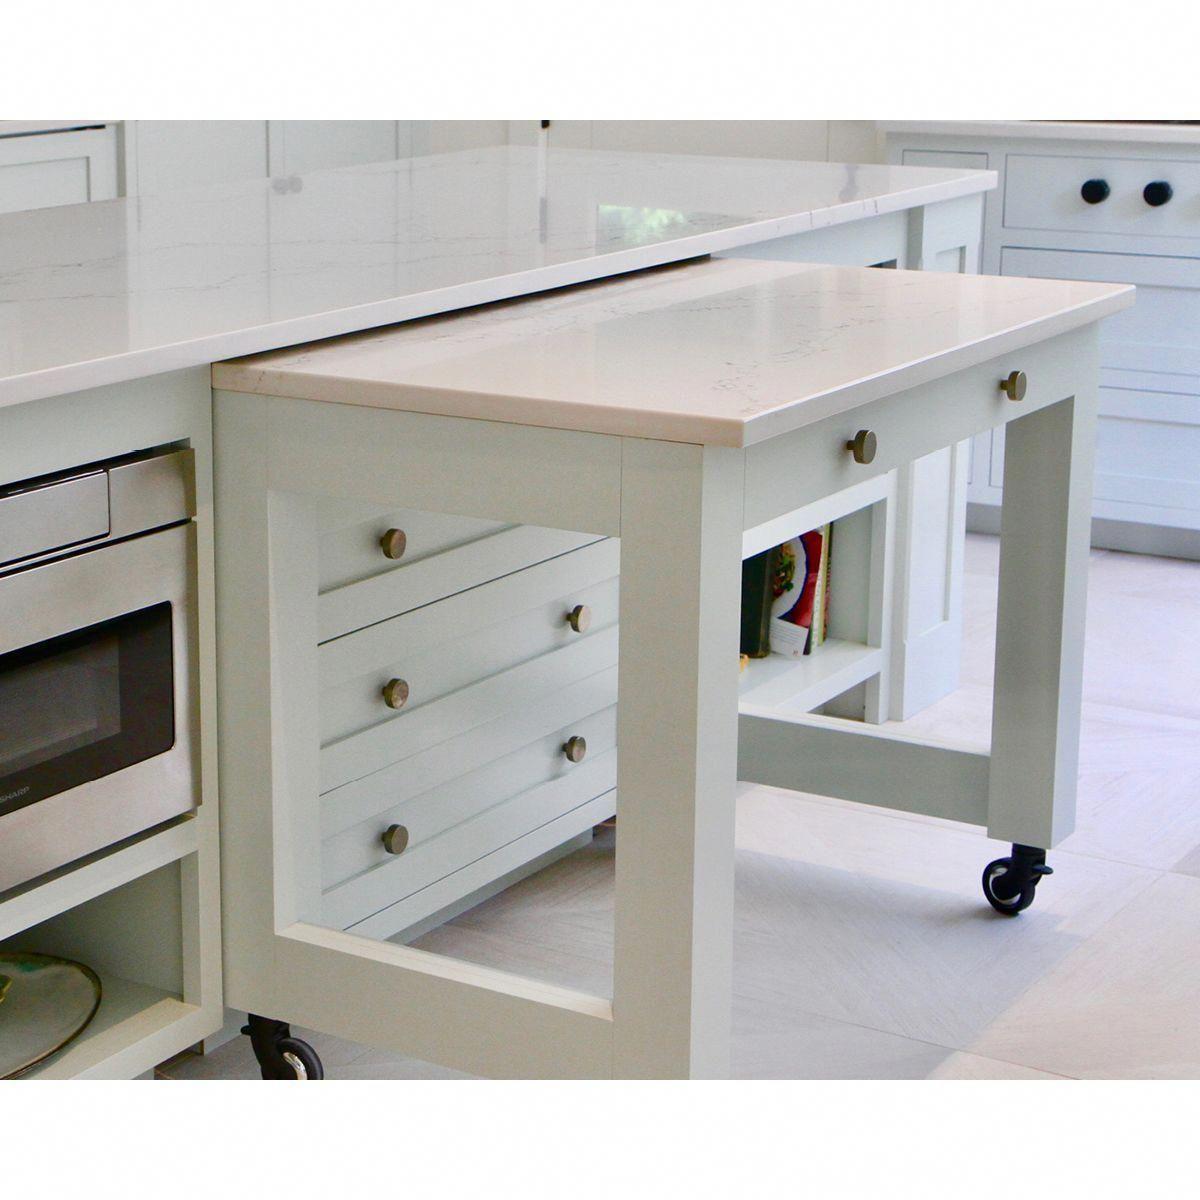 How to put a work plan?  Haus küchen, Arbeitsplatte, Diy möbel küche